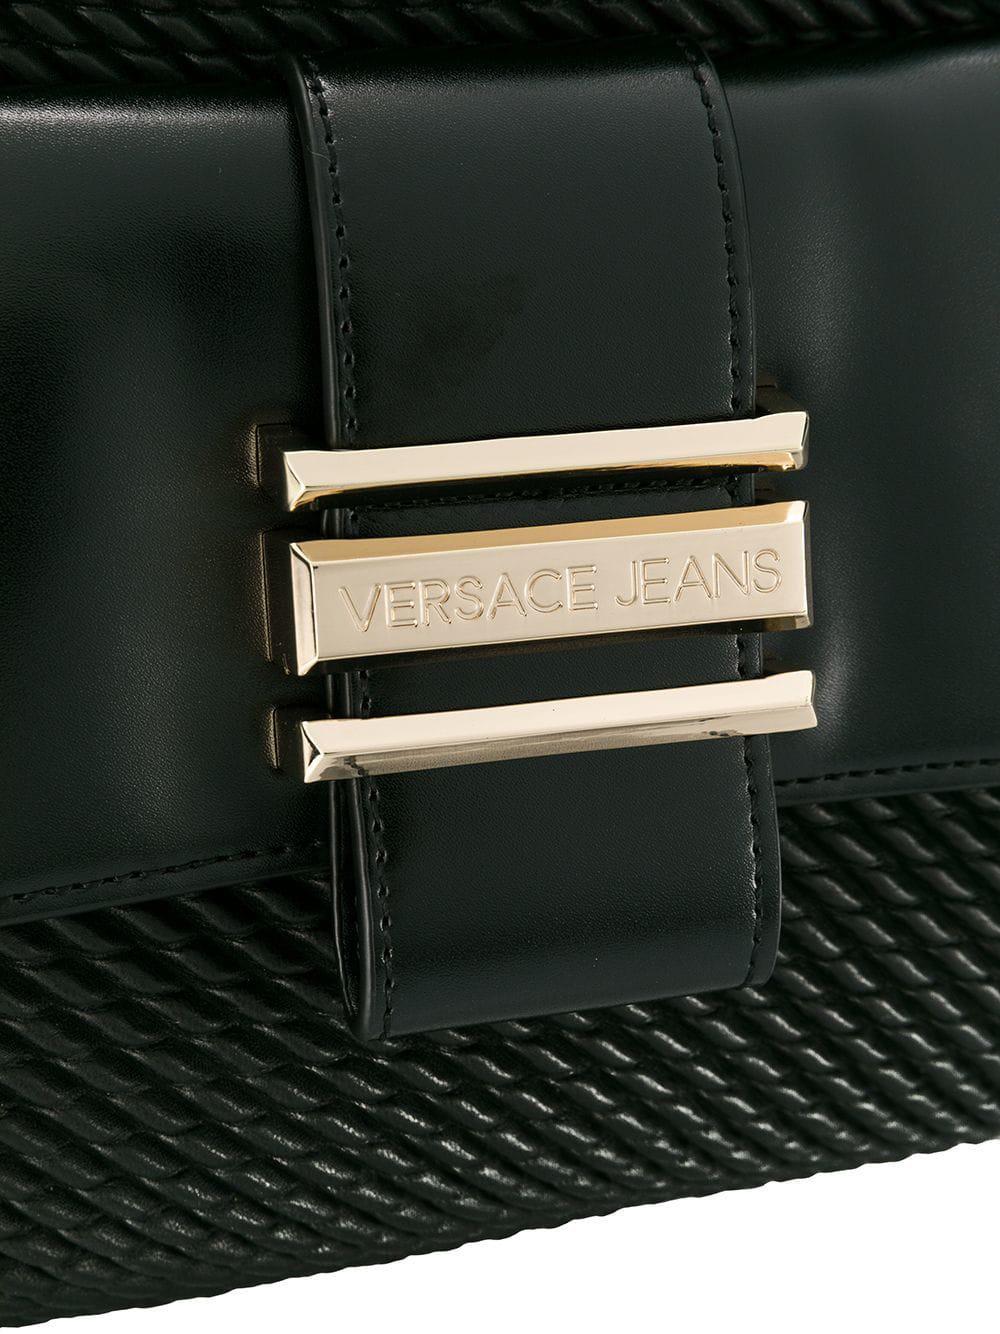 Sac Matelassé Lyst Noir Jeans Cabas Coloris Versace En Eq6x6aTdw 3cd52bbb7c83